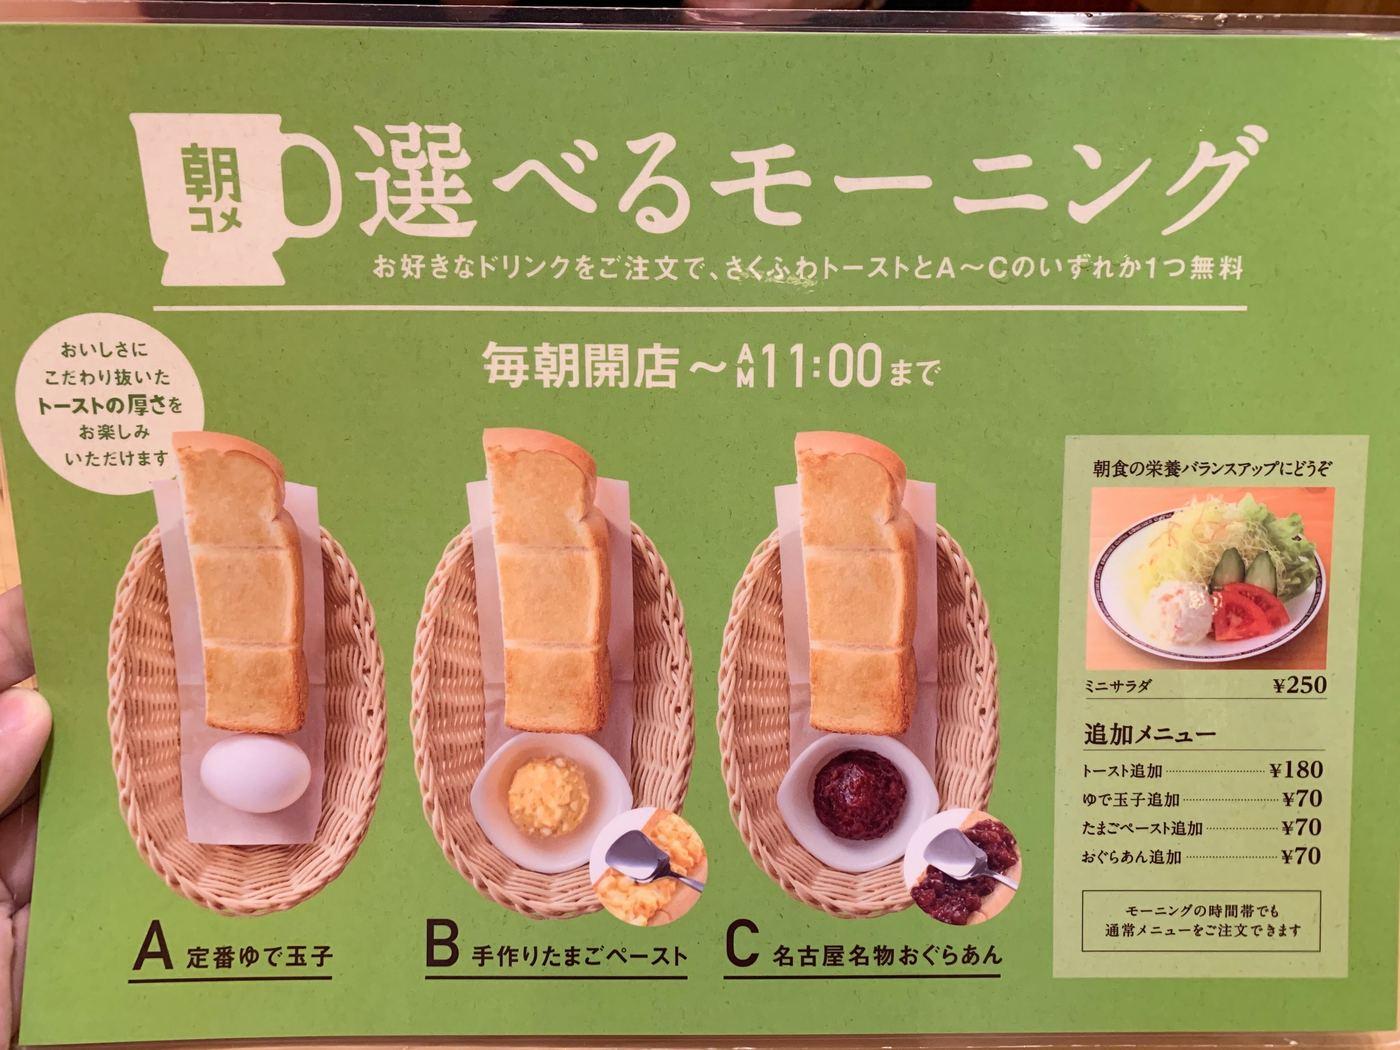 【最新】コメダ珈琲で至福のモーニング!値段や時間・おかわりの裏技の画像